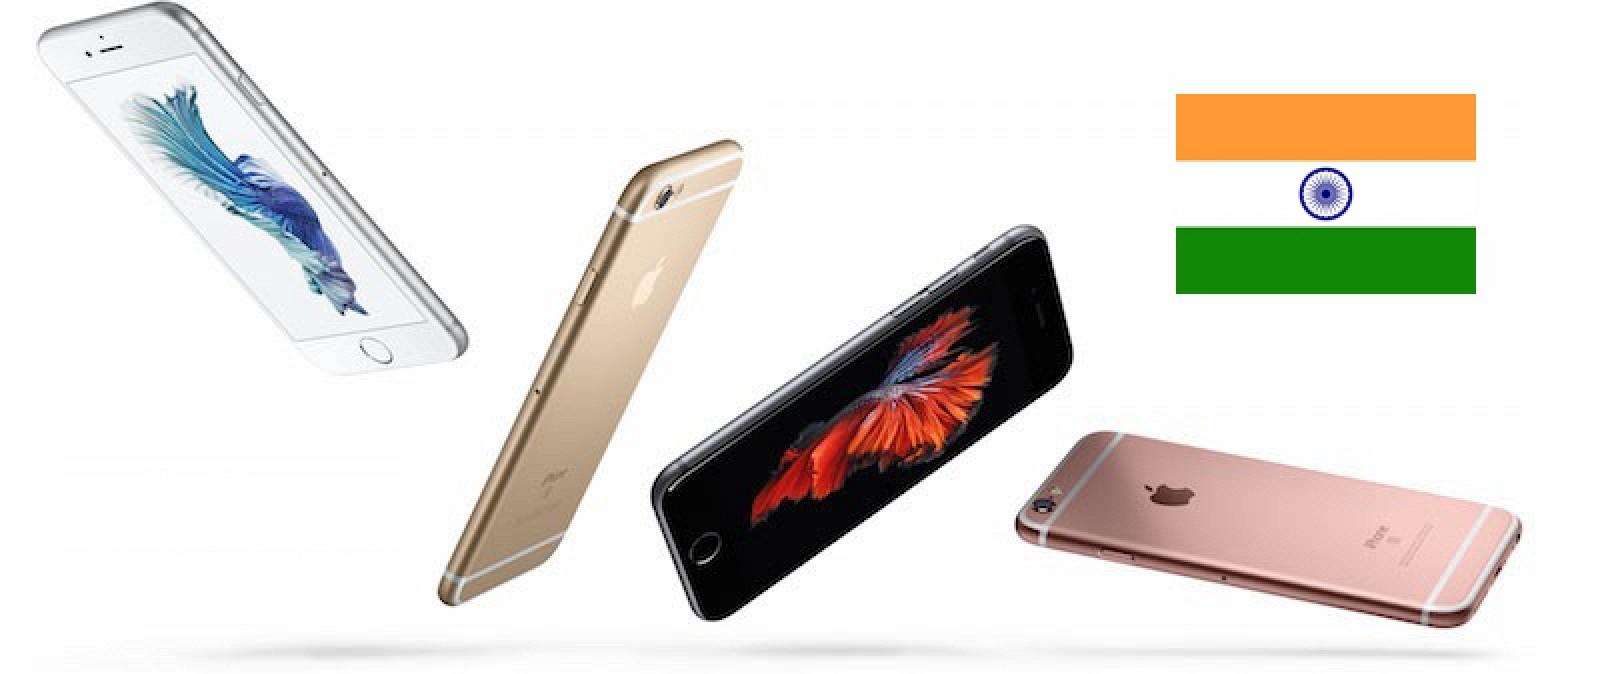 Apple Partner Wistron obtiene aprobación inicial para Nueva Fábrica de iPhone en India